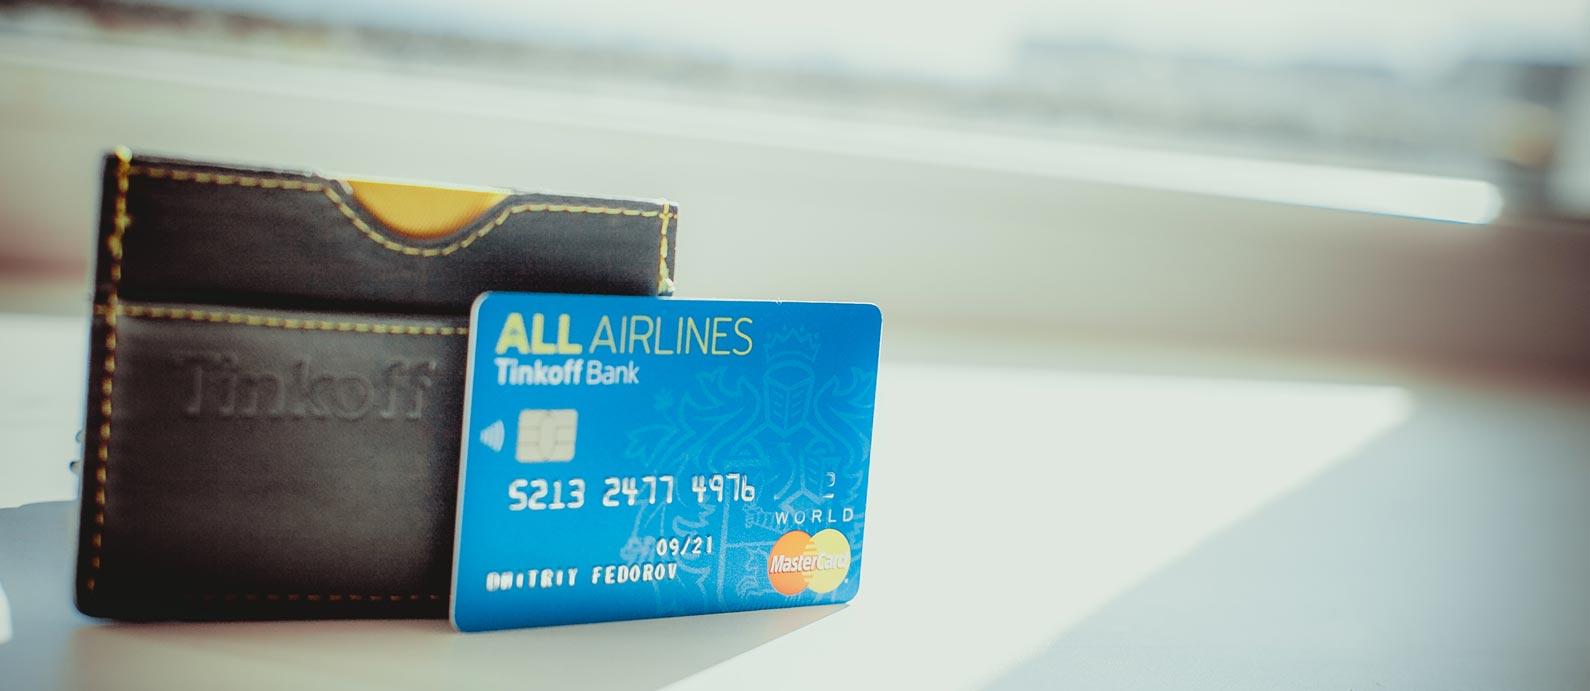 Тинькофф All Airlines - условия по кредитной и дебетовой карте и мили